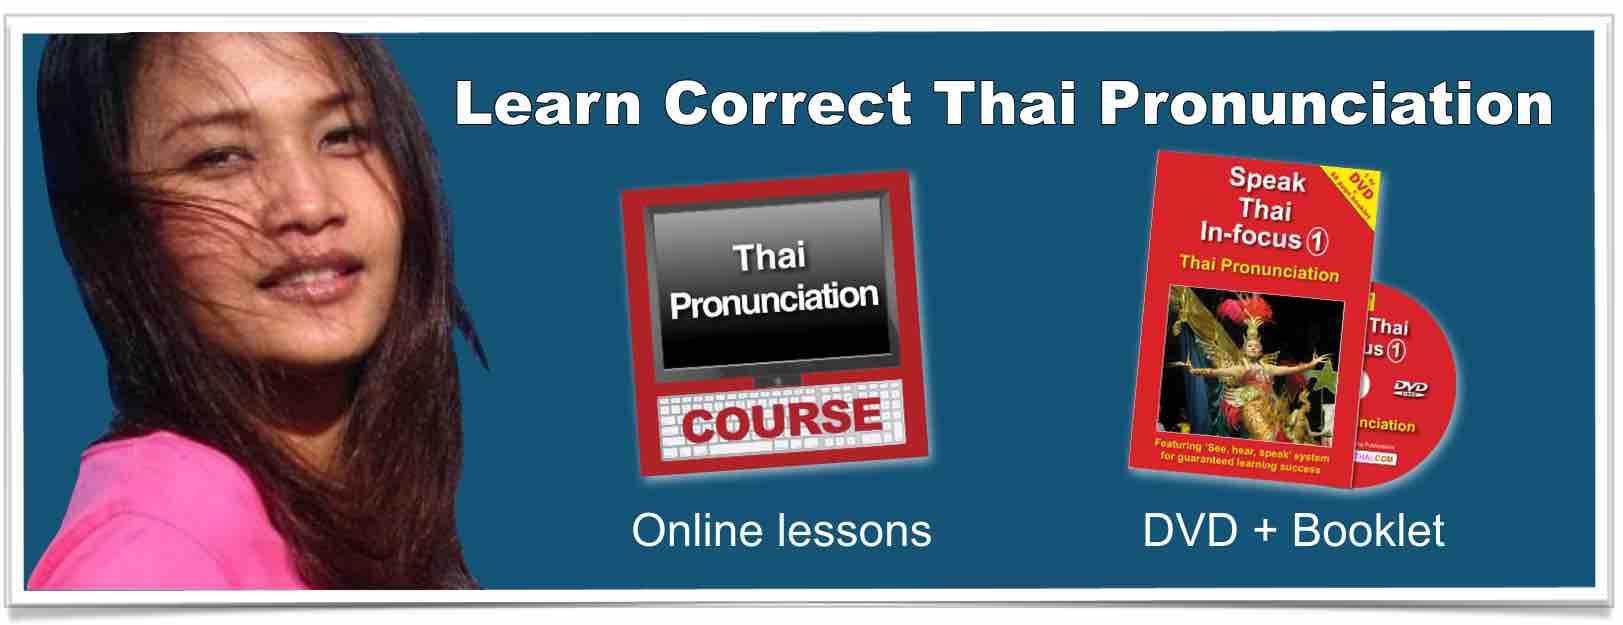 Learn Correct Thai Pronunciation